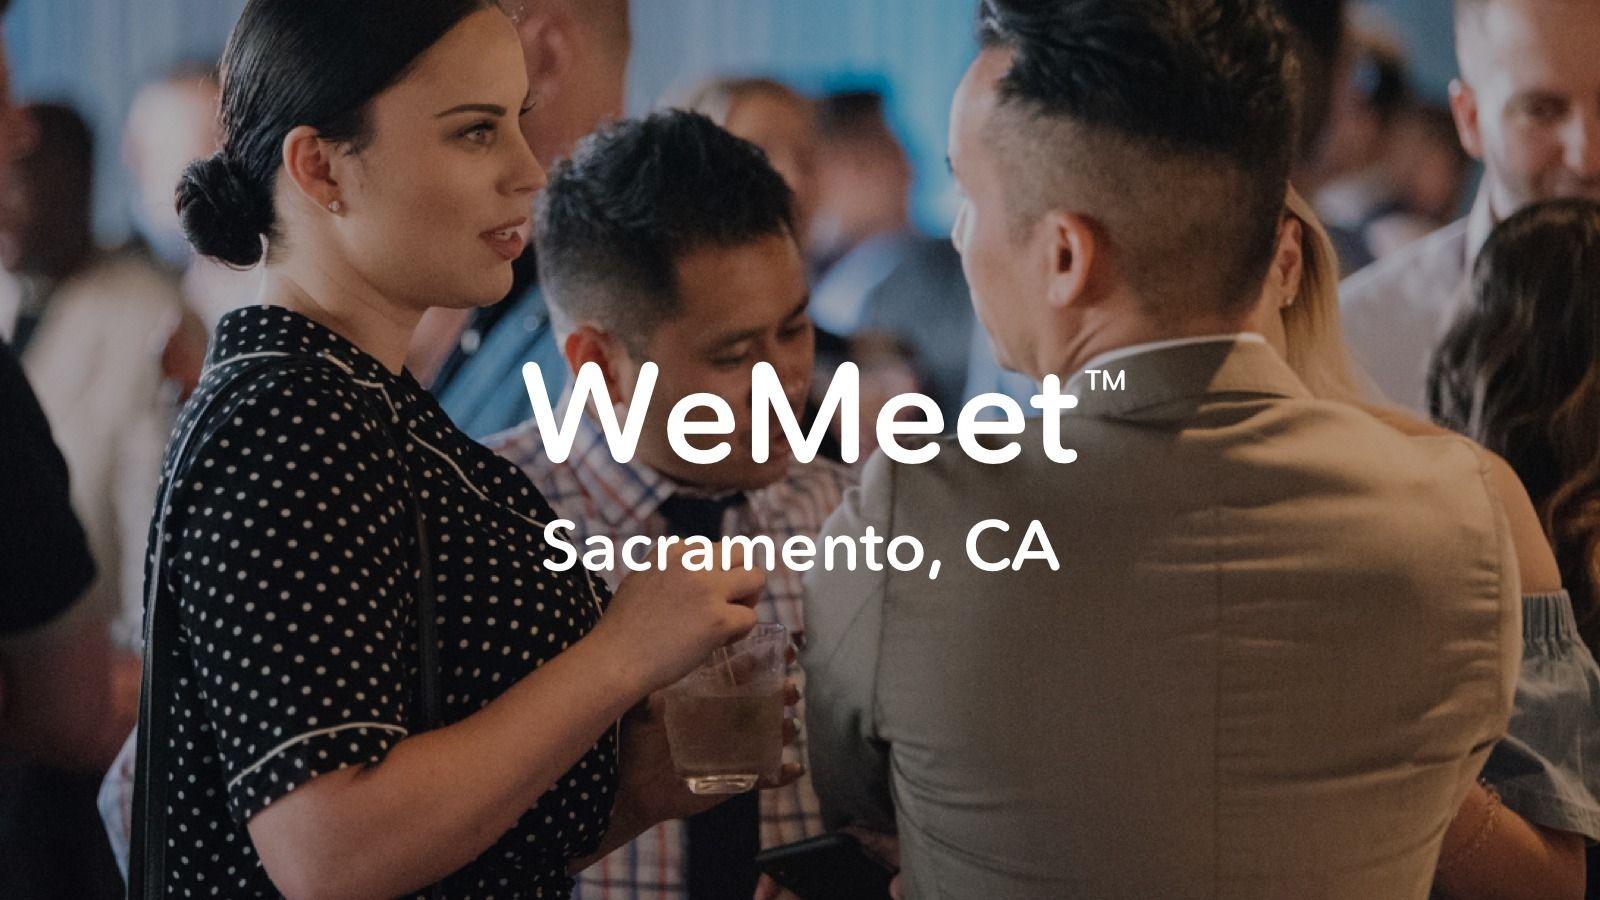 WeMeet Sacramento Networking - Meet New People